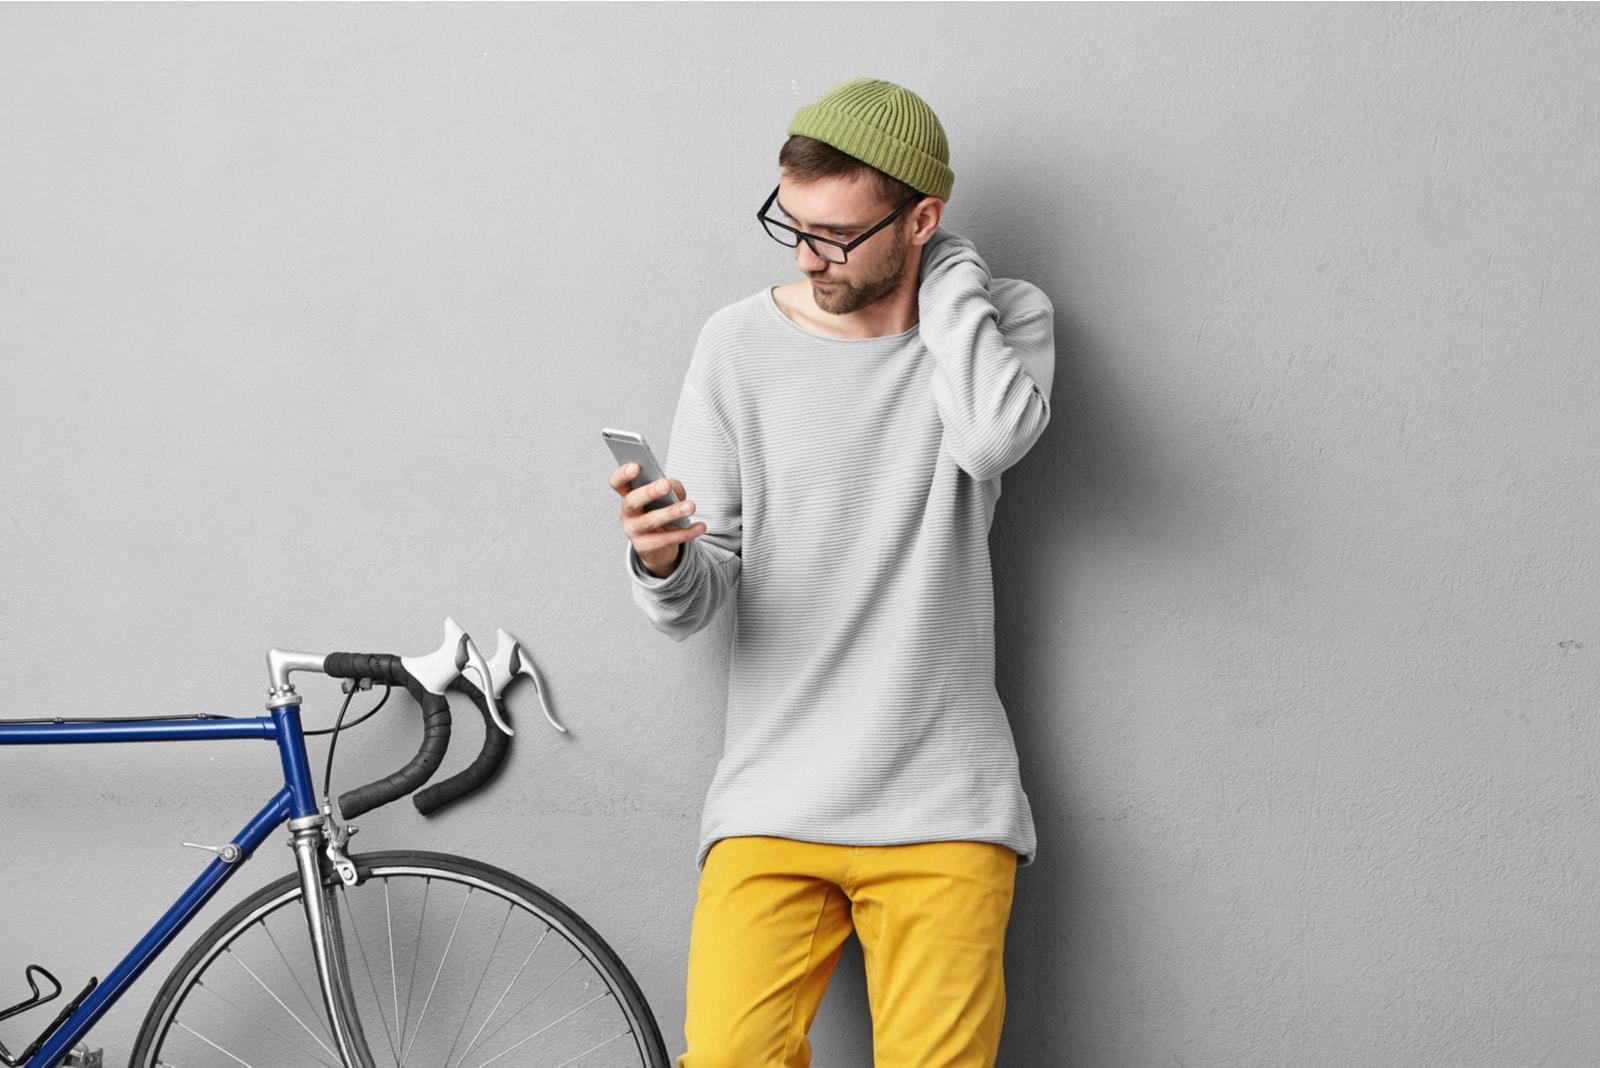 guy wearing stylish glasses while reading sms